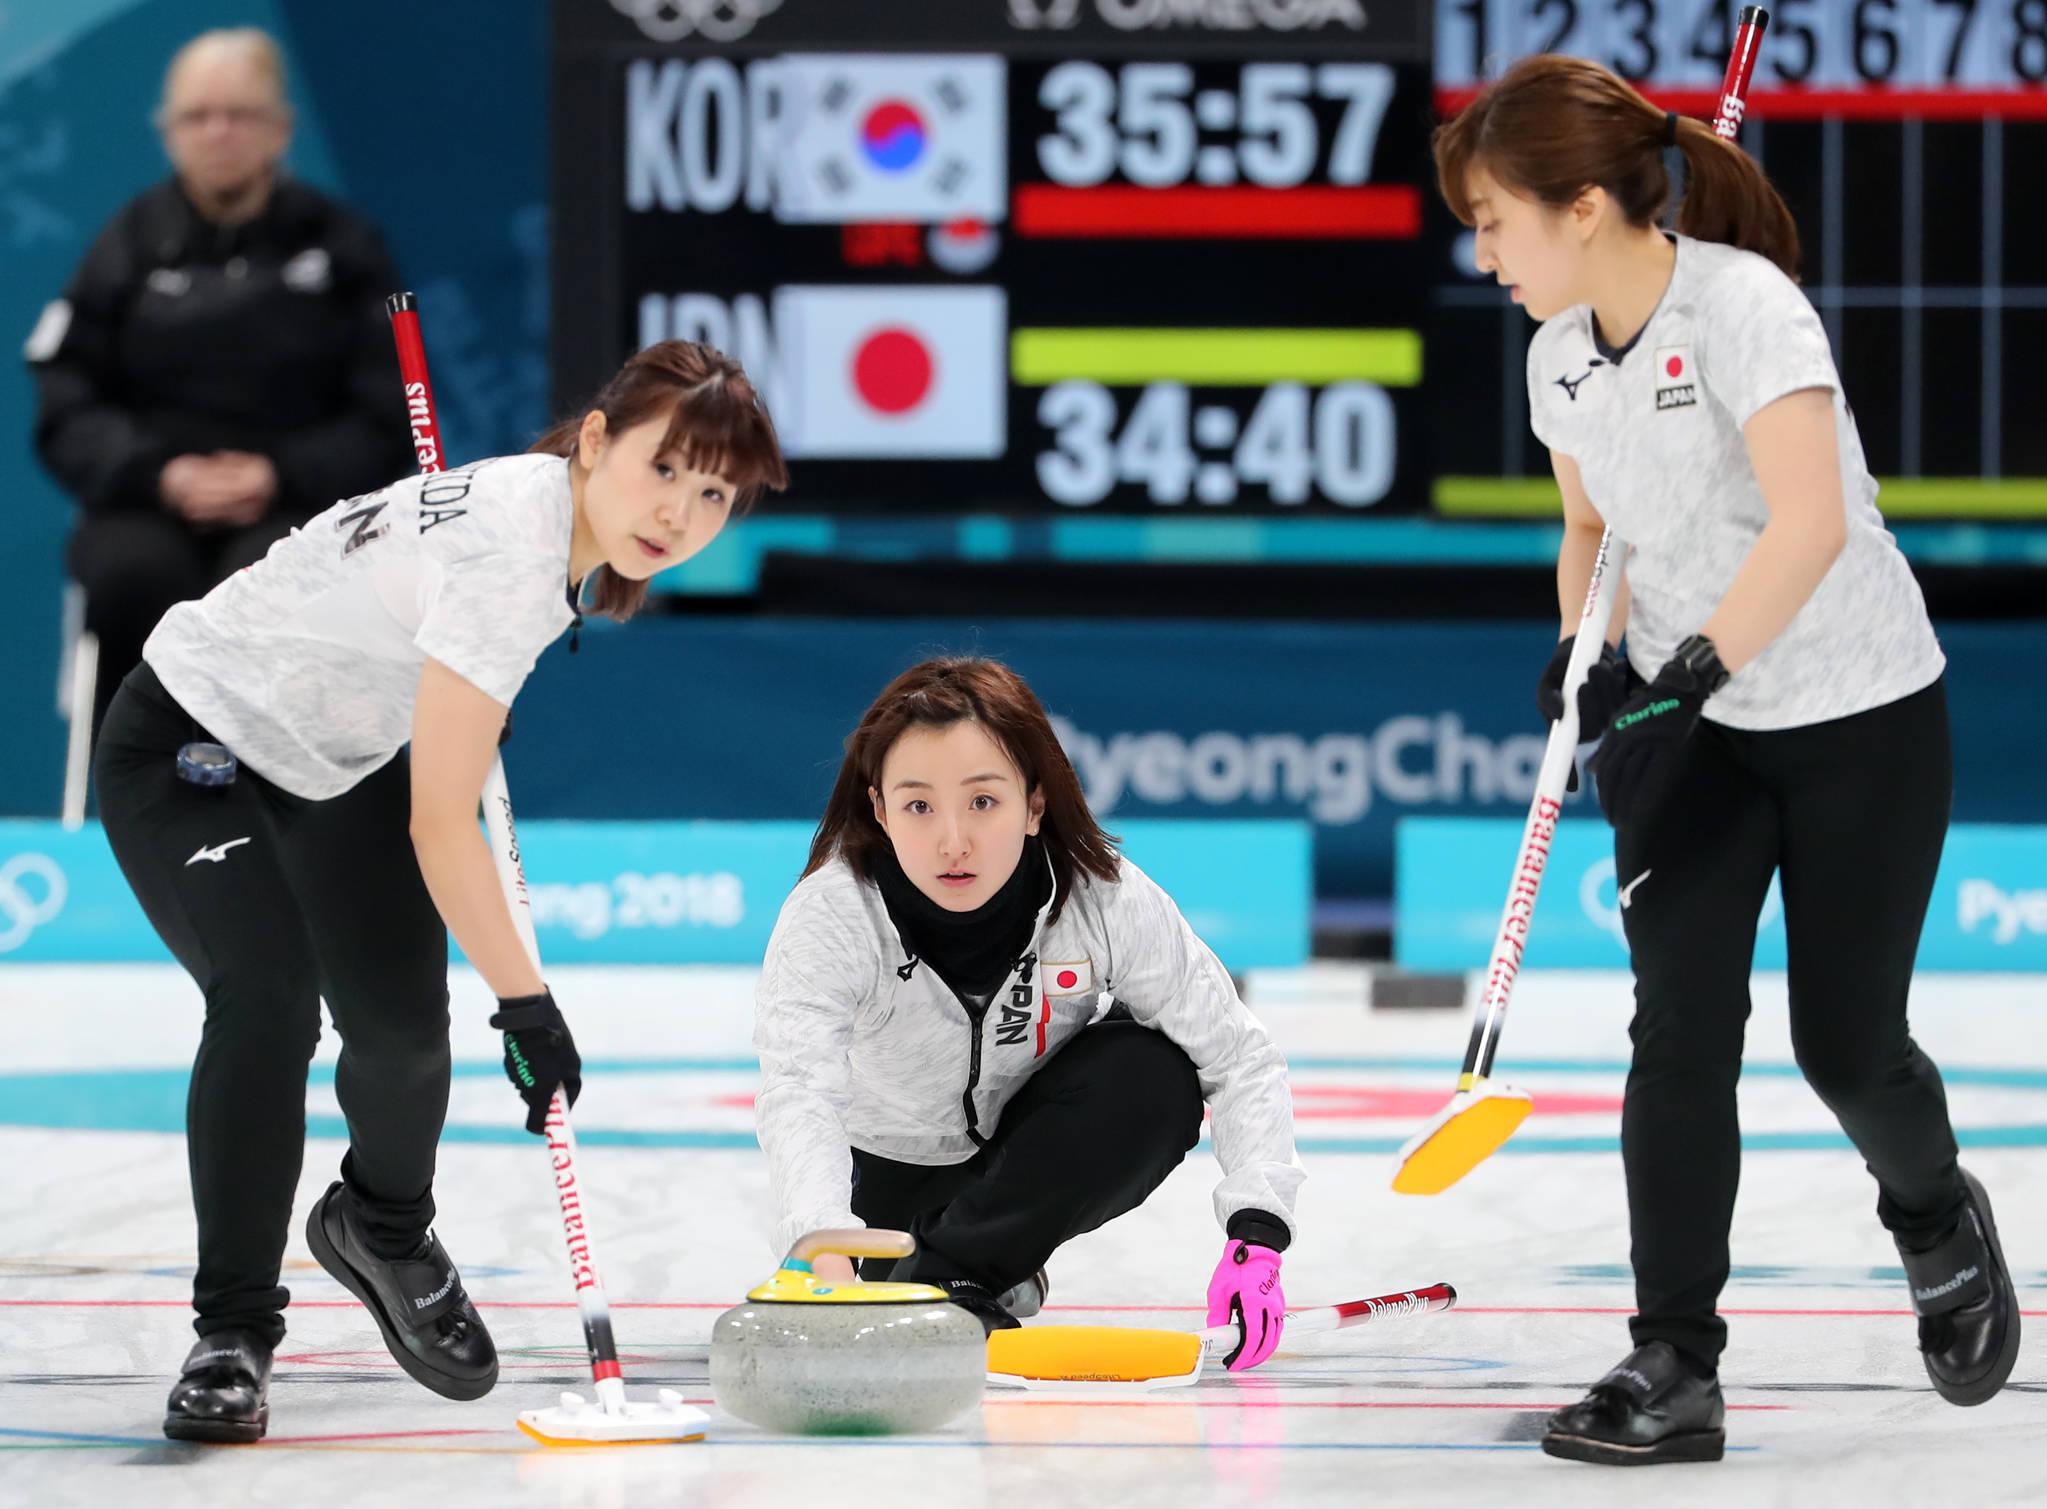 지난해 2월 23일 평창올림픽 여자 컬링 준결승전 한국전에서 투구하는 일본 컬링 국가대표 후지사와 사쓰키(가운데).[연합뉴스]